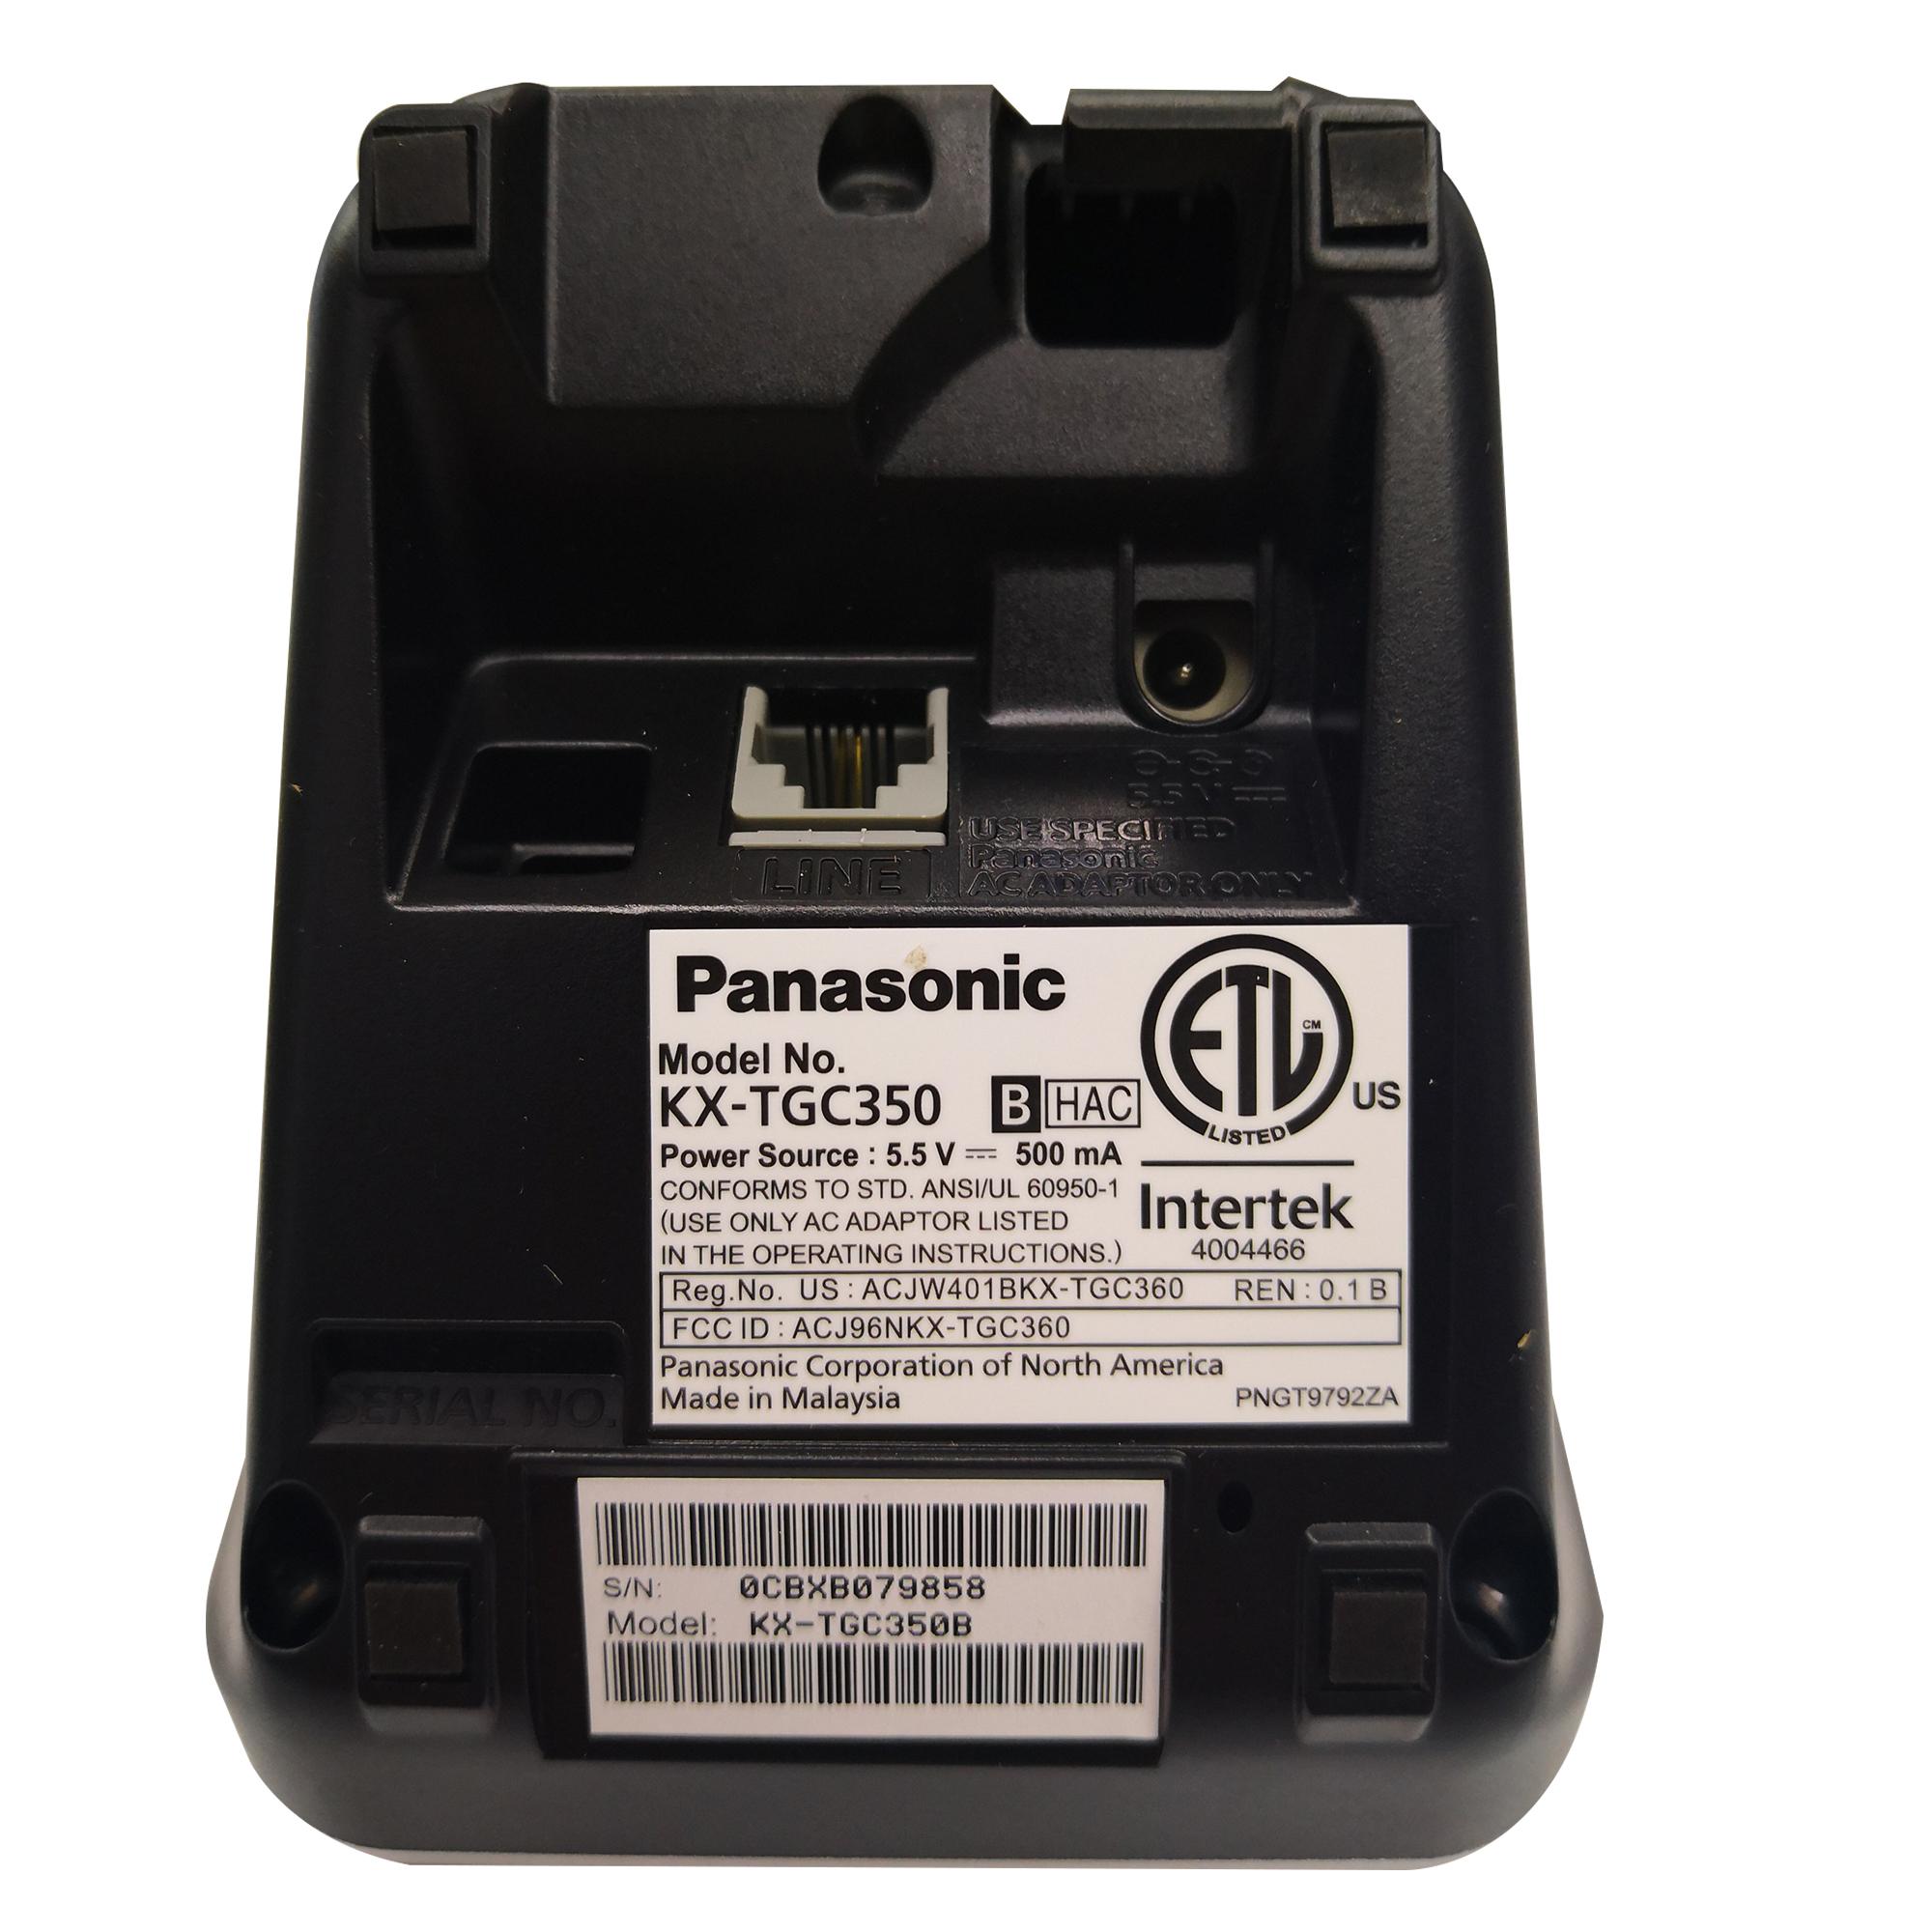 تلفن پاناسونیک مدل KX-TGC350